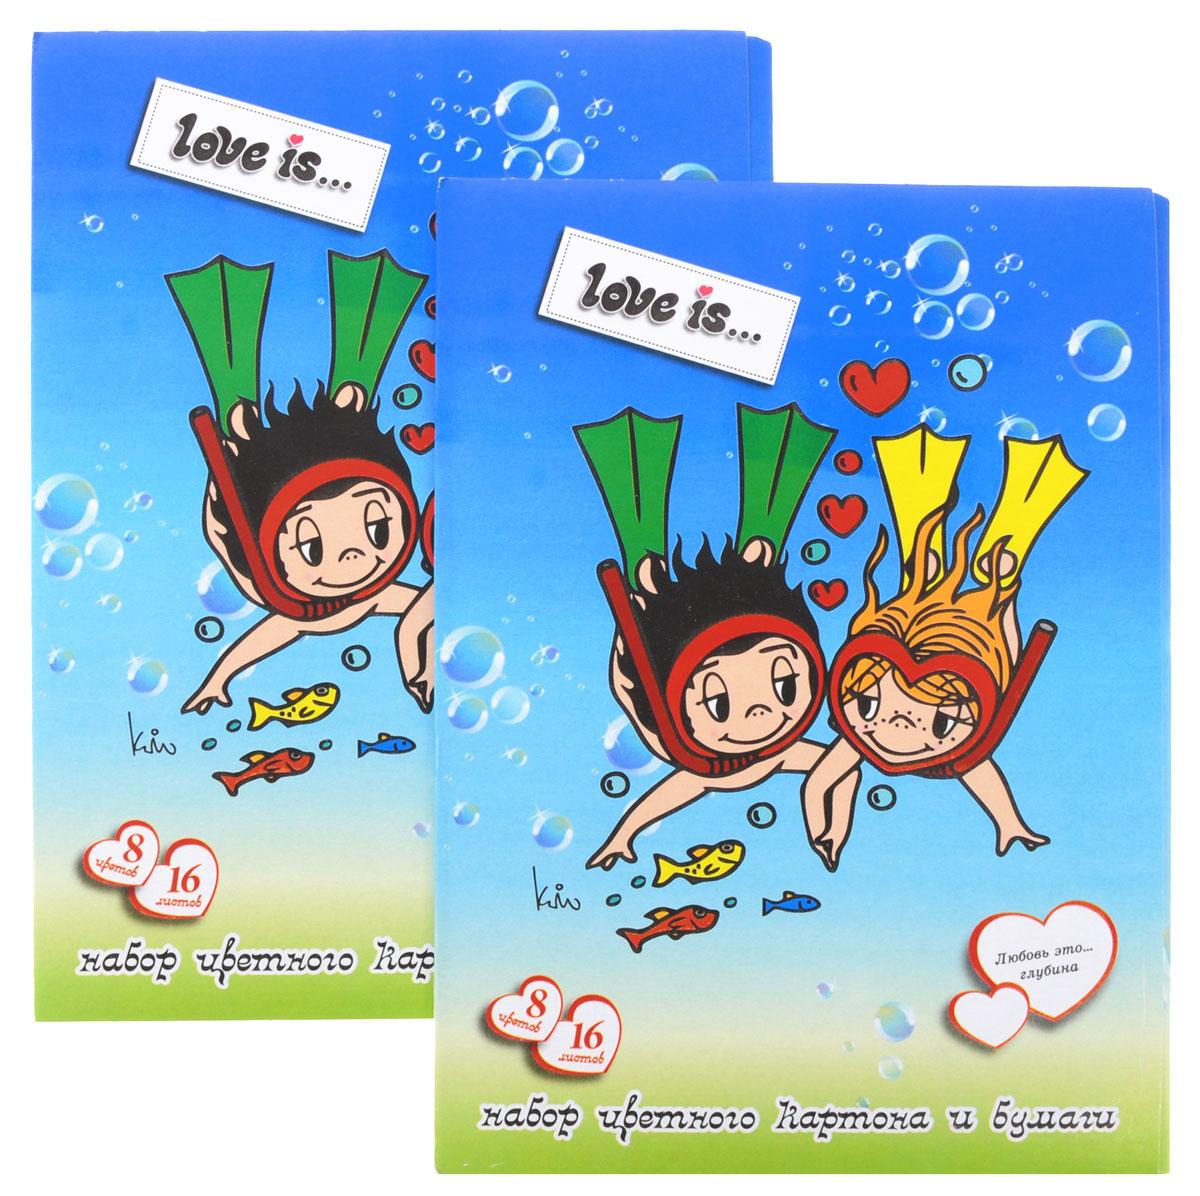 Action! Набор цветного картона и бумаги Love is... 16 листов 2 шт цвет голубой72523WDНабор цветного картона и бумаги Action! Love is... позволит вашему ребенку создавать всевозможные аппликации и поделки. Набор содержит 8 листов цветного картона и 8 листов цветной бумаги формата А4. Листы упакованы в оригинальную картонную папку, оформленную в тематике Love is.... Создание поделок из бумаги и картона поможет ребенку в развитии творческих способностей, кроме того, это увлекательный досуг.В комплекте 2 набора по 16 листов.